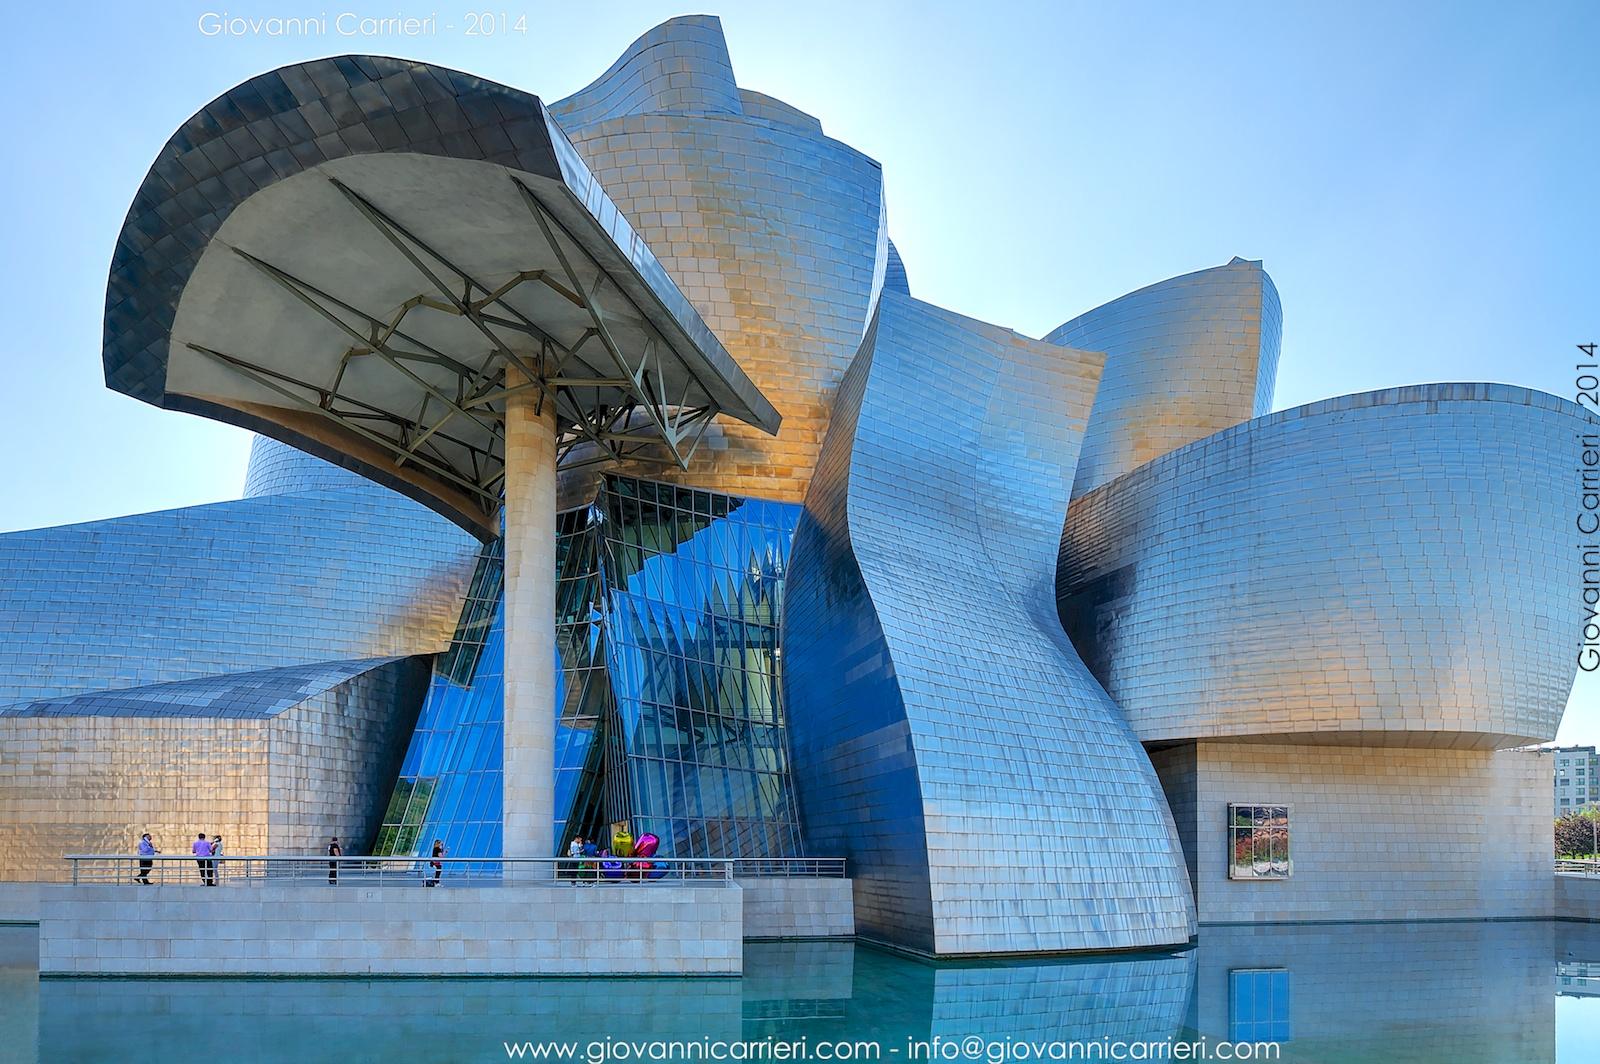 Il fiore di titanio. Museo Guggenheim - Bilbao